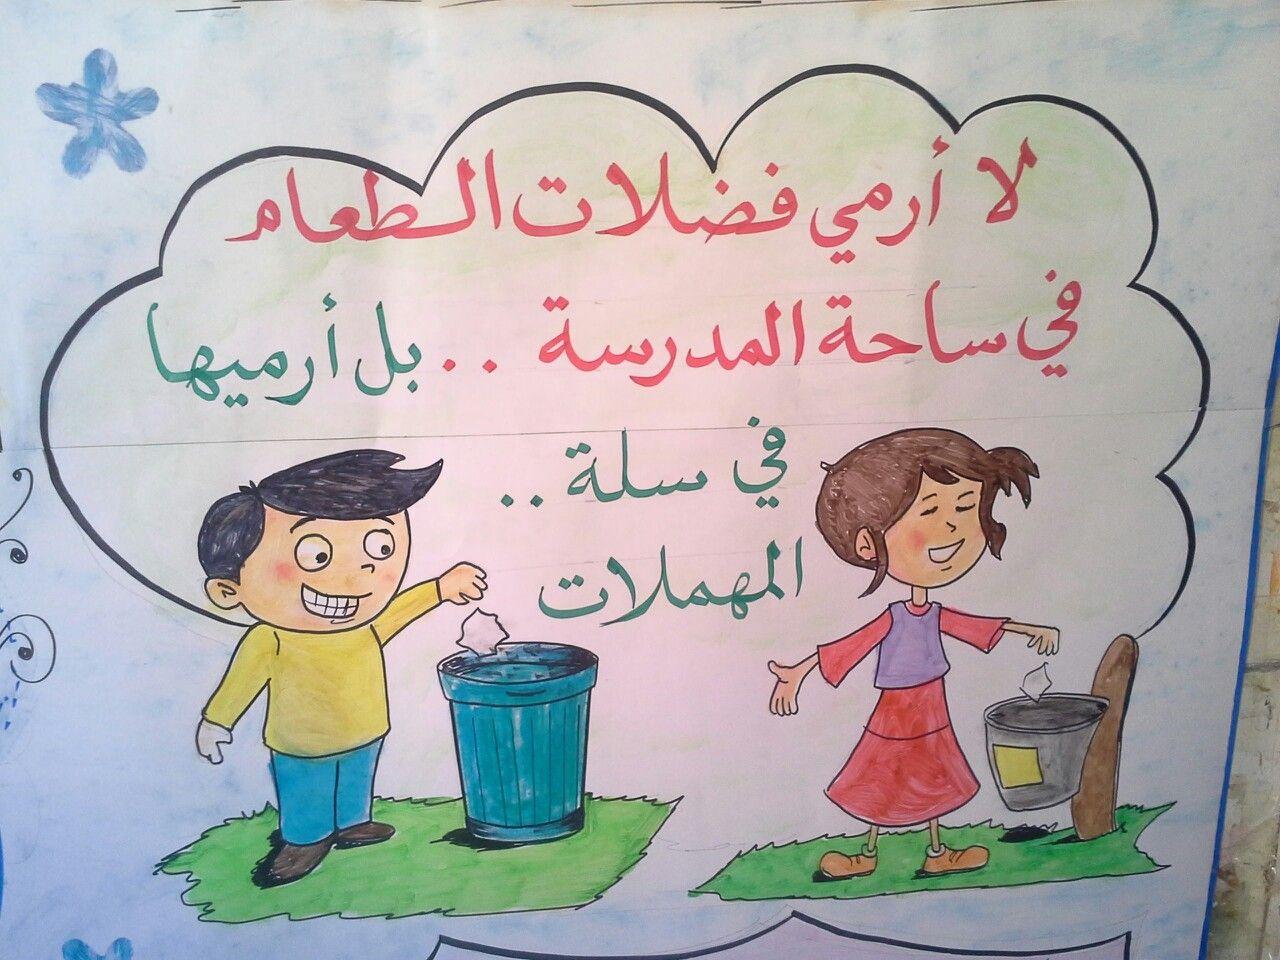 لا ارمي فضلات الطعام في ساحة المدرسة بل ارميها في سلة المهملات Islamic Kids Activities Kids Education Islam For Kids